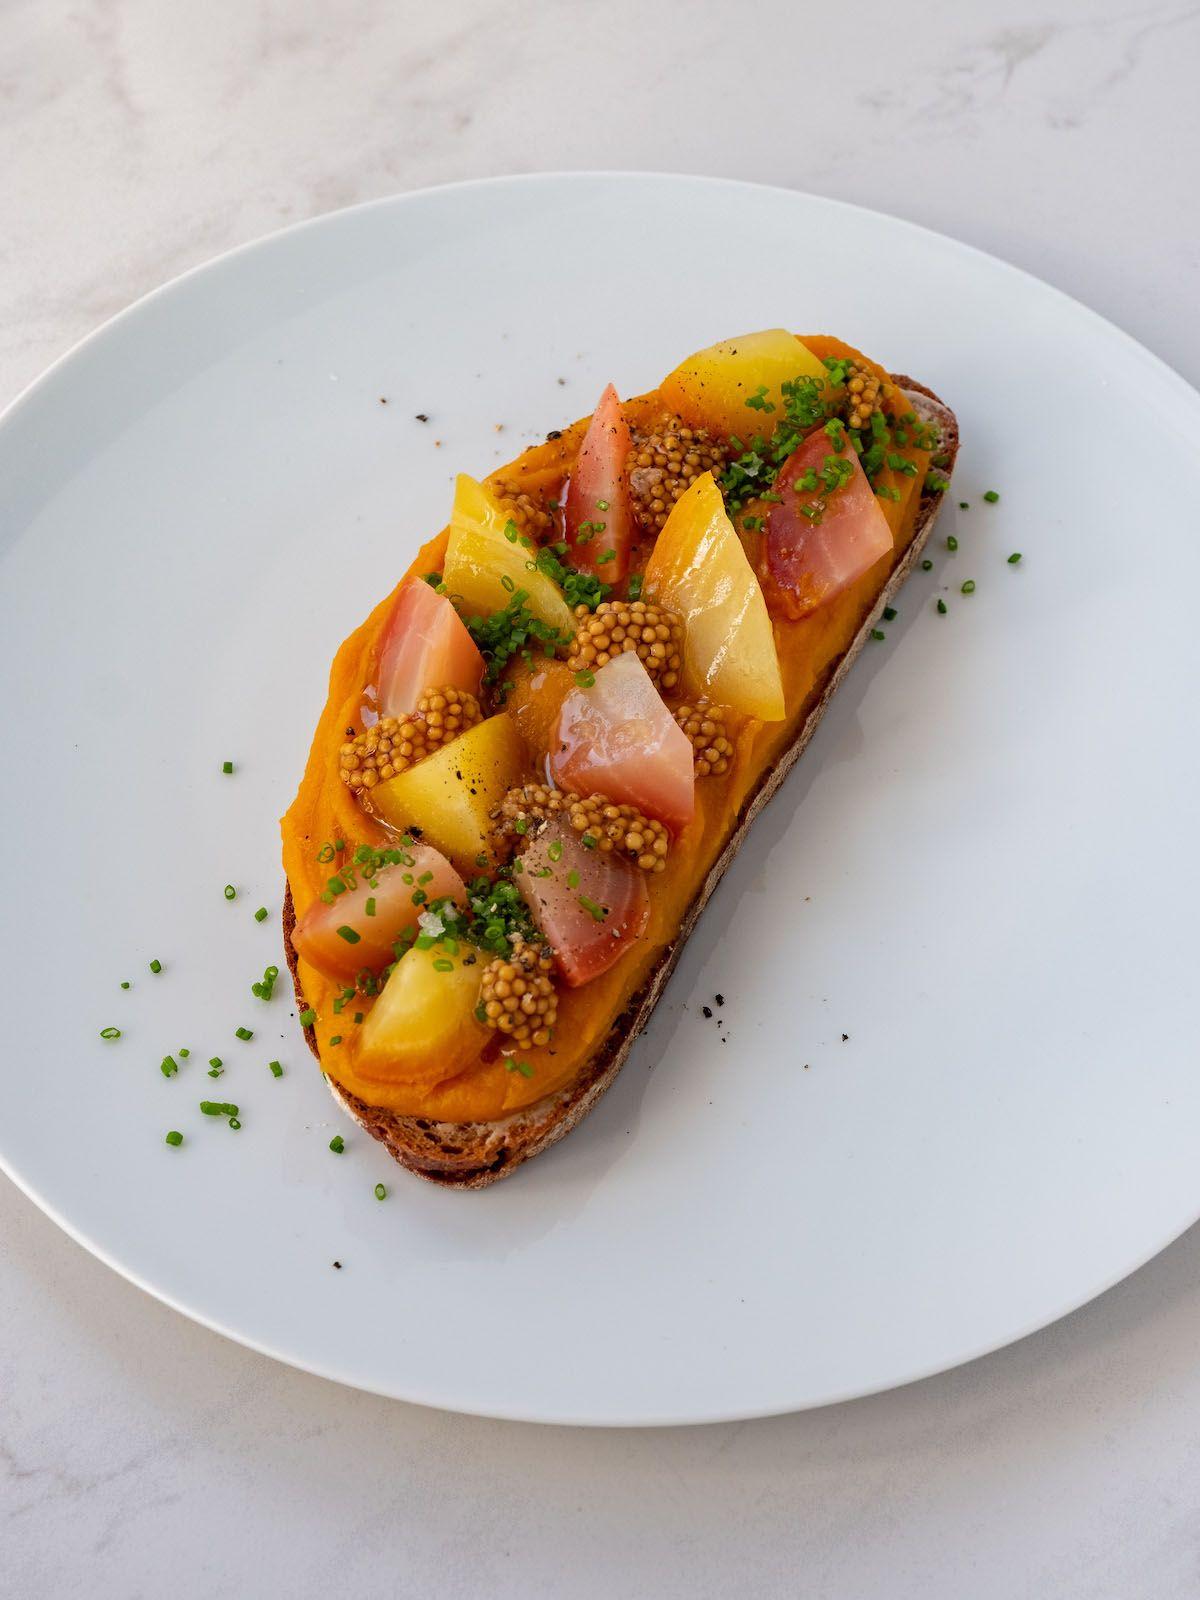 Foodblog, About Fuel, Rezept, Sandwich, Kürbis Zwiebel Marmelade, Schnittlauch, Pfeffer, Gelbe Bete, Brot